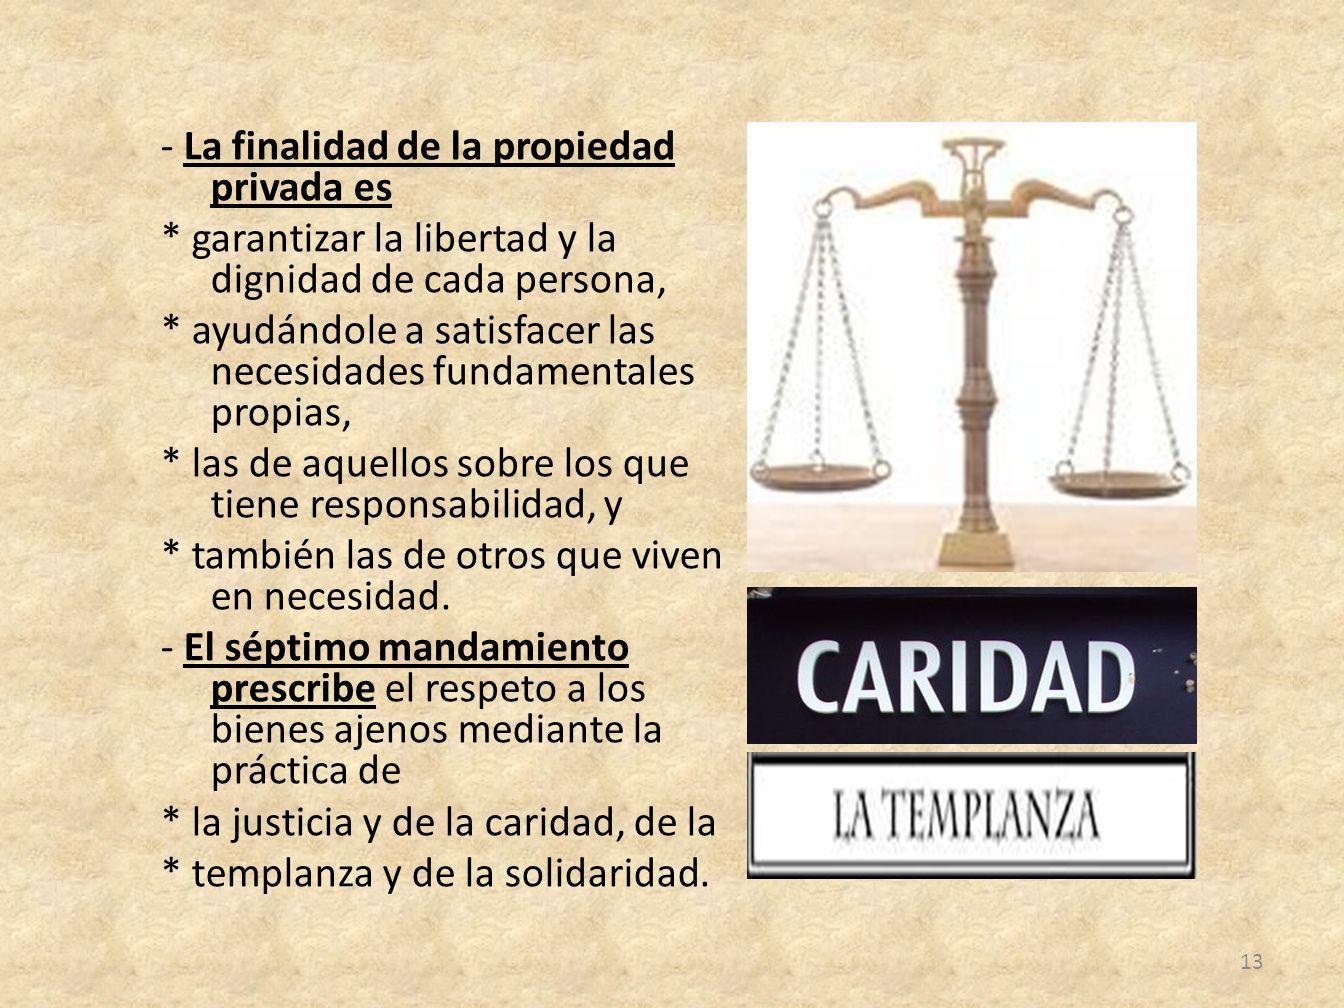 - La finalidad de la propiedad privada es * garantizar la libertad y la dignidad de cada persona, * ayudándole a satisfacer las necesidades fundamenta